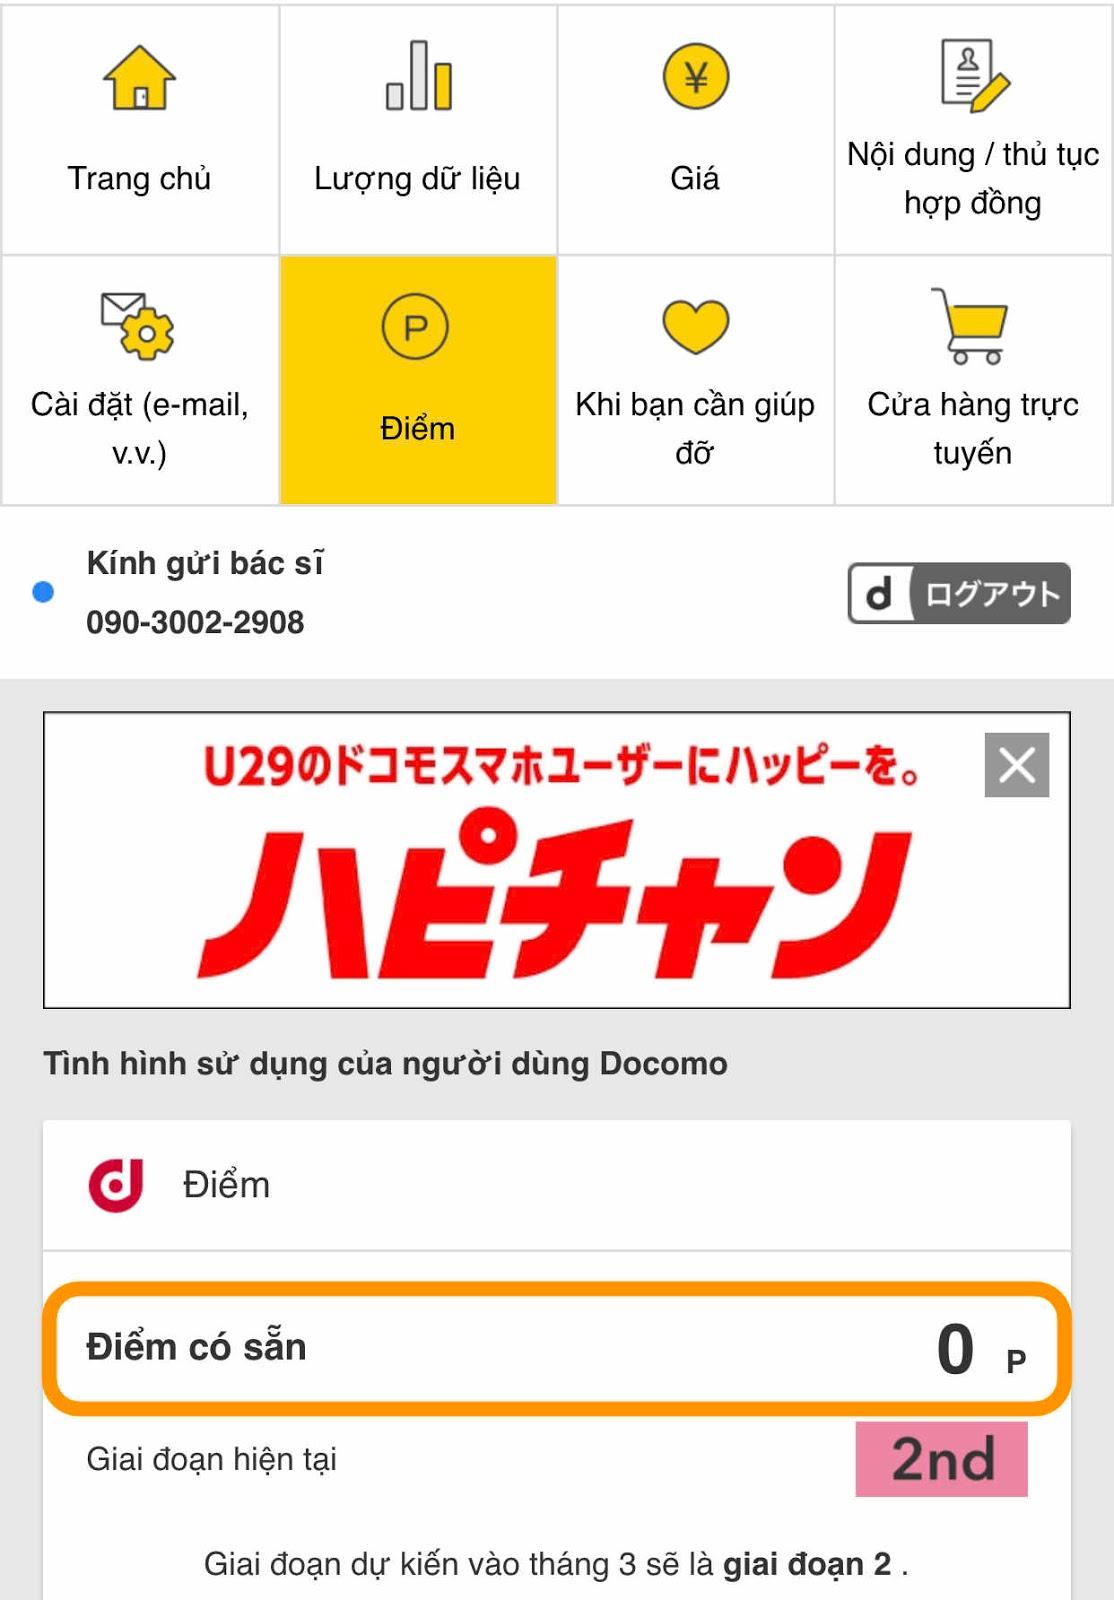 D point của Docomo là gì? Sử dụng ra sao? diiho